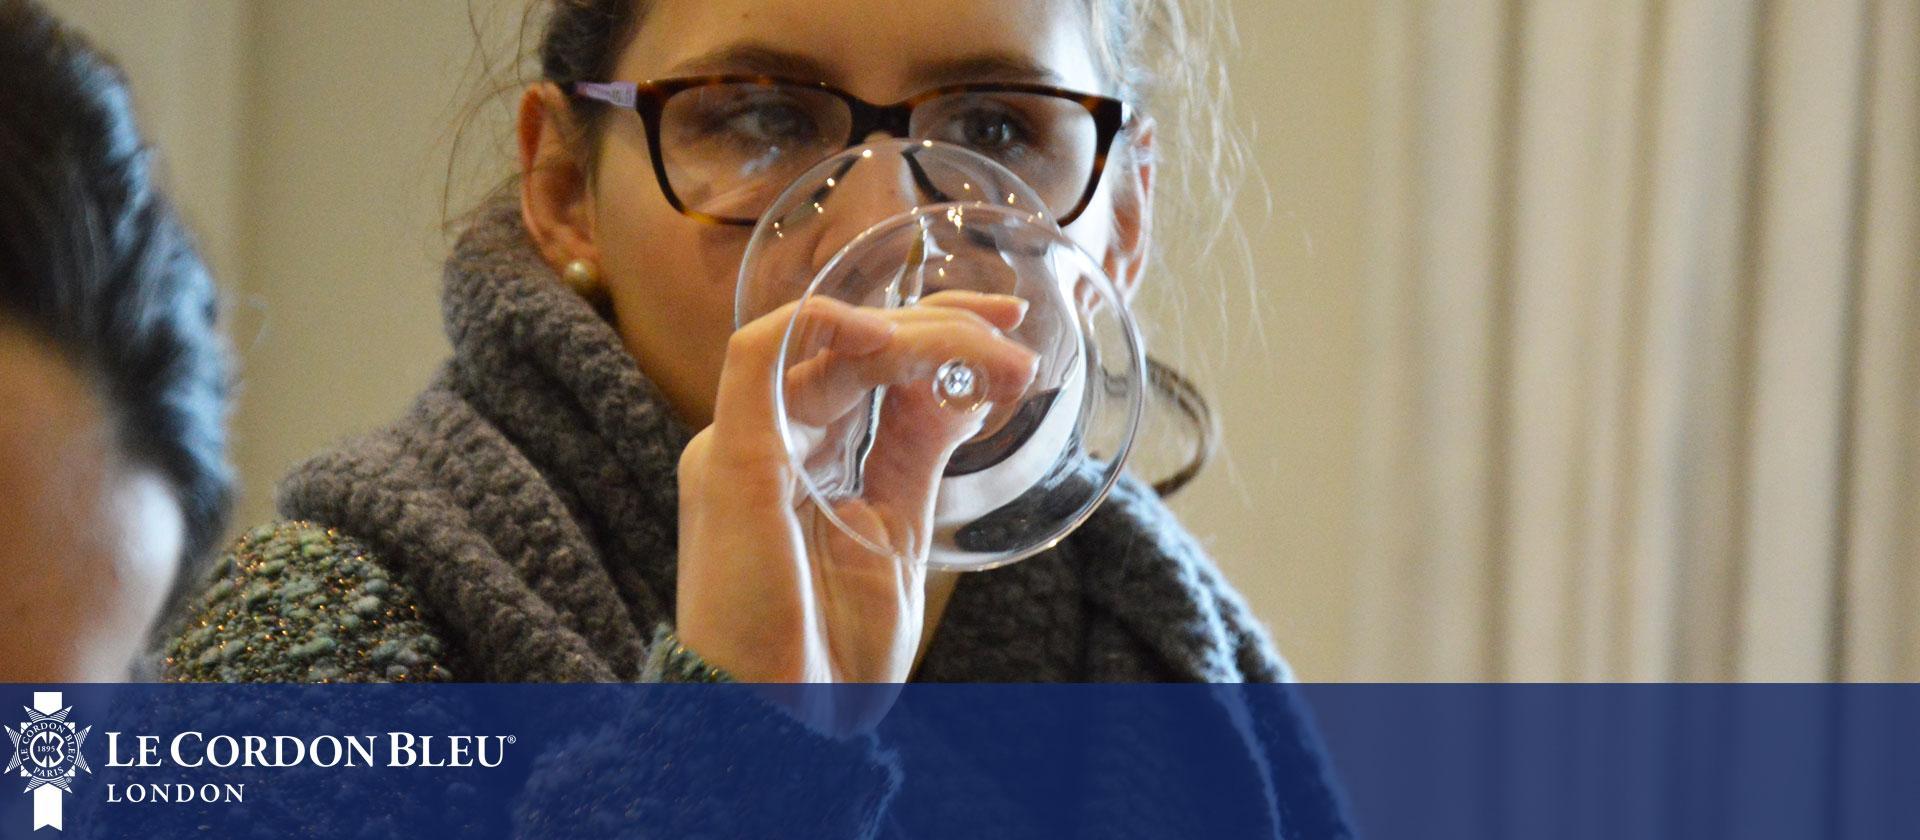 Studying Wine, Gastronomy and Management - testimonial from Joanna Kaczmarek